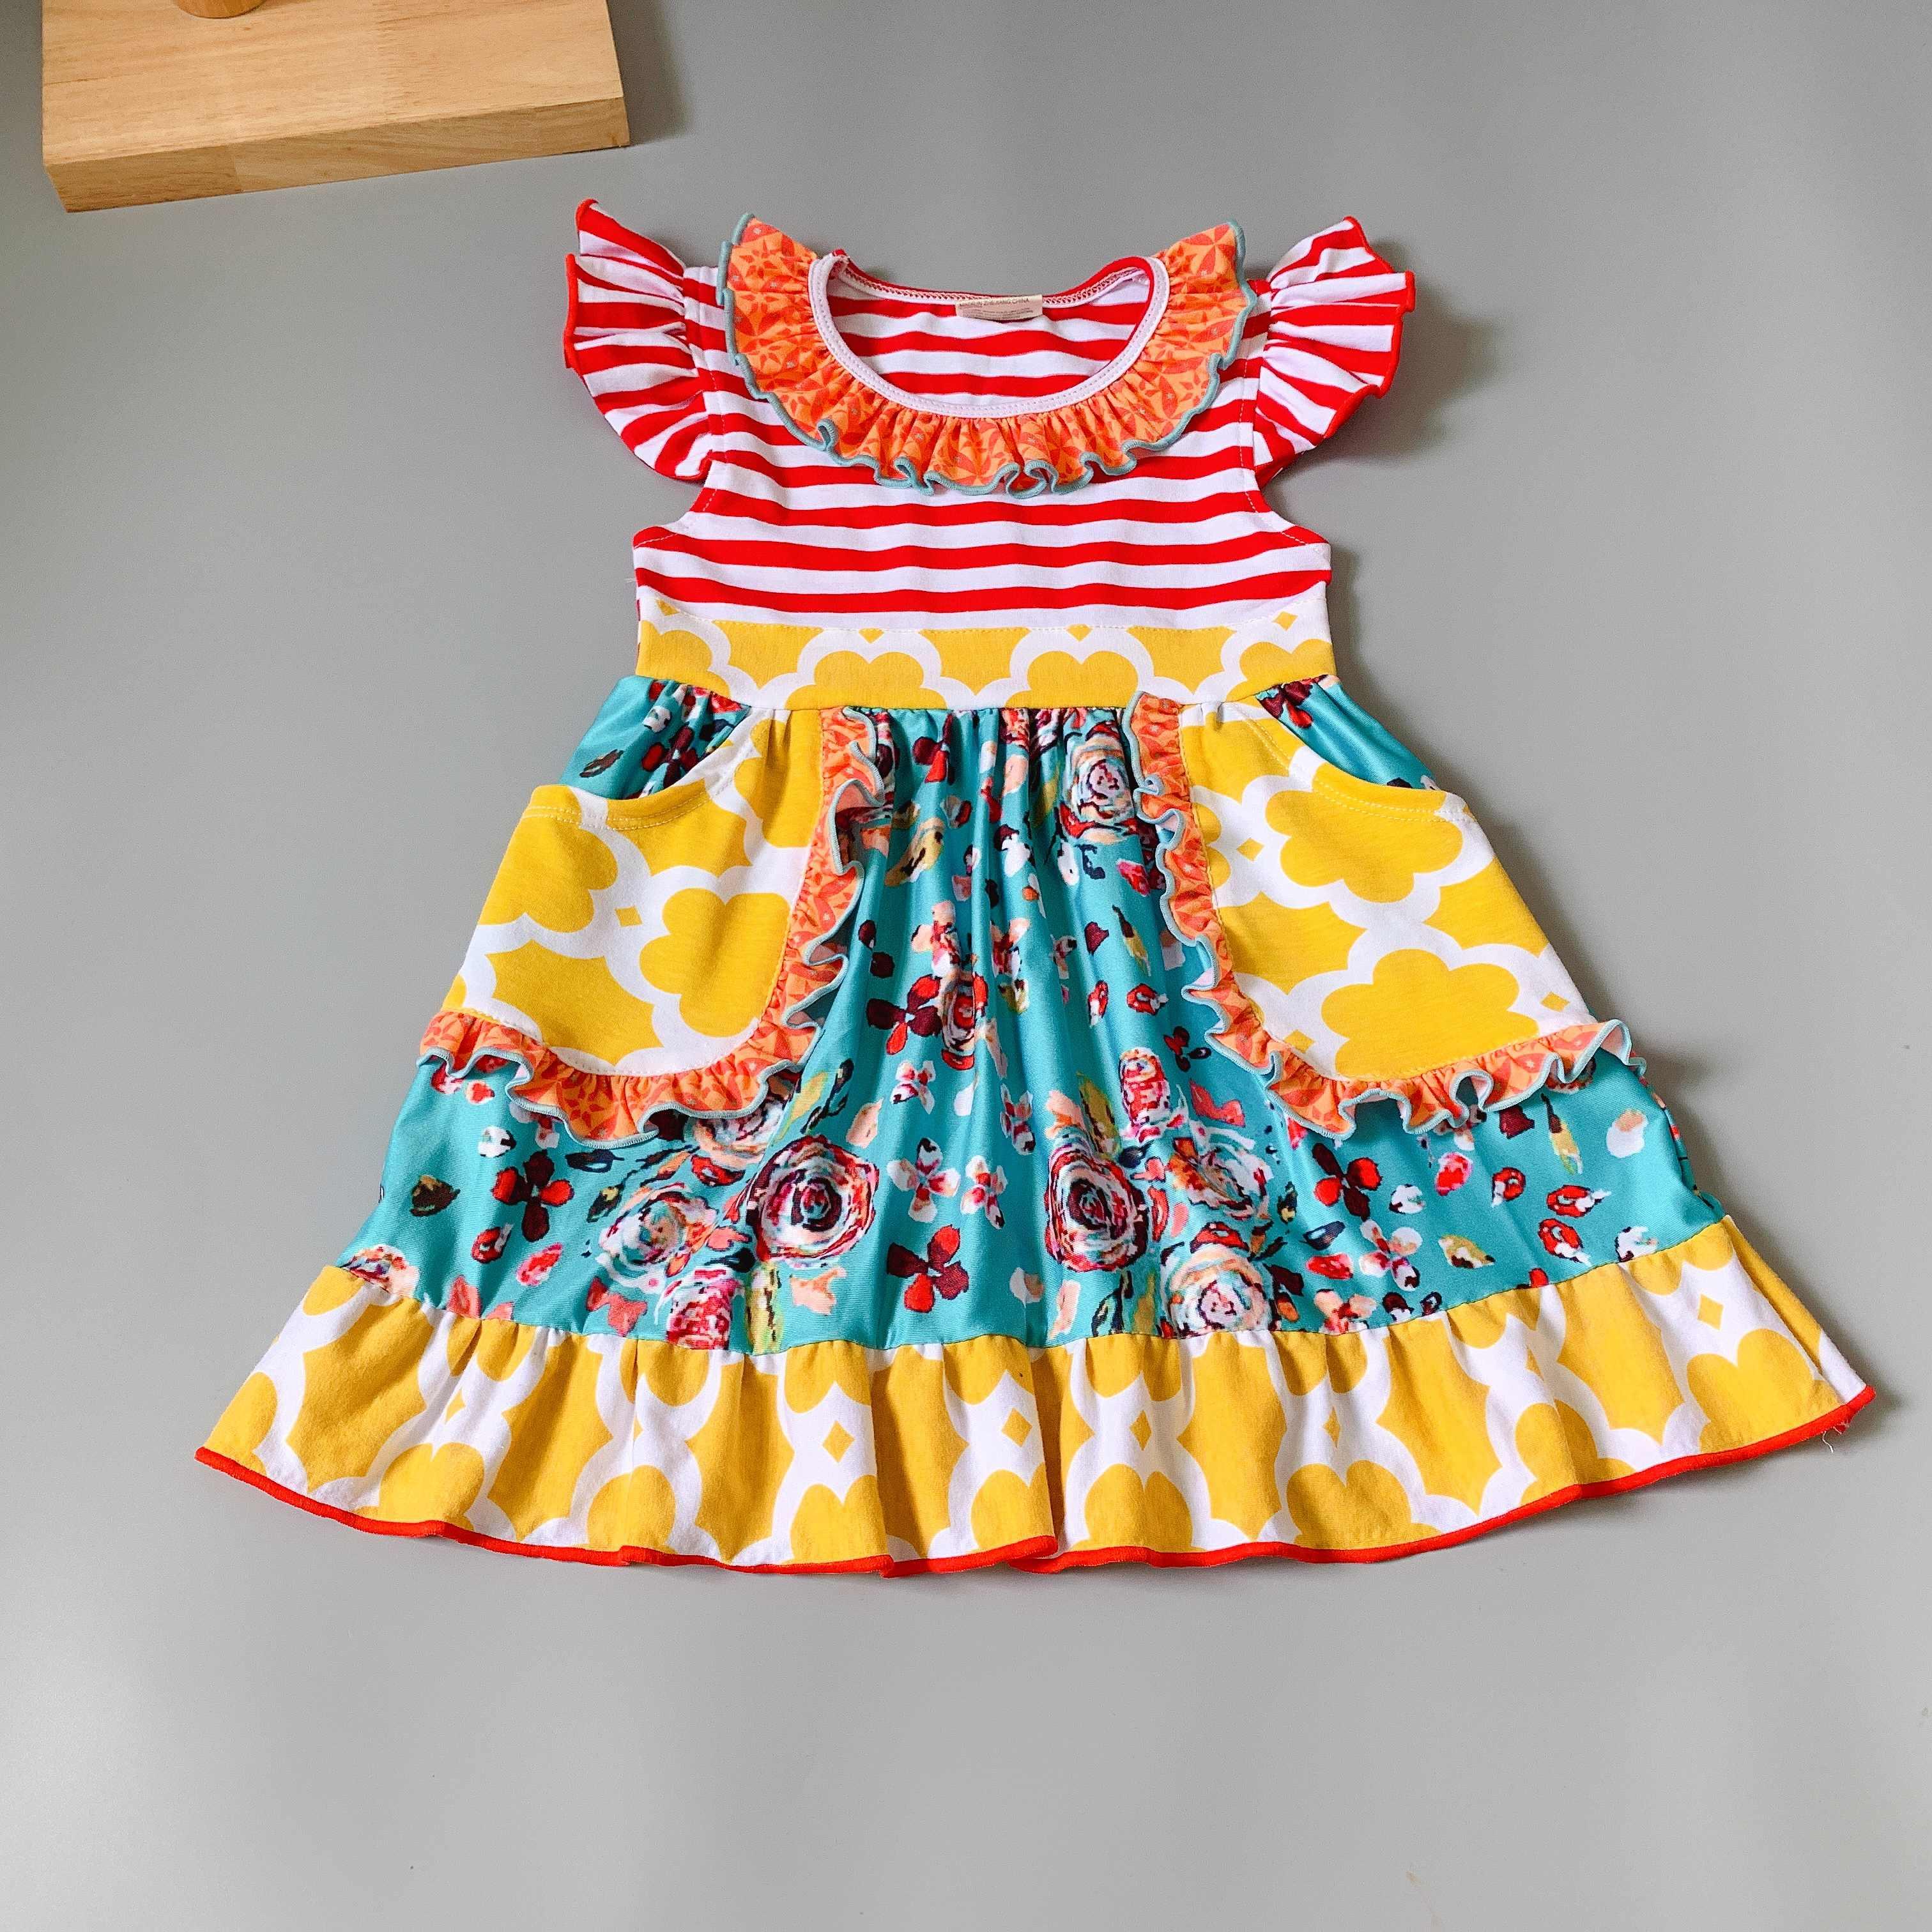 Летняя одежда с детей разноцветные сапоги для дождя с принтом Платье для маленьких девочек для вечерние Настоящее платье с коровьим принтом